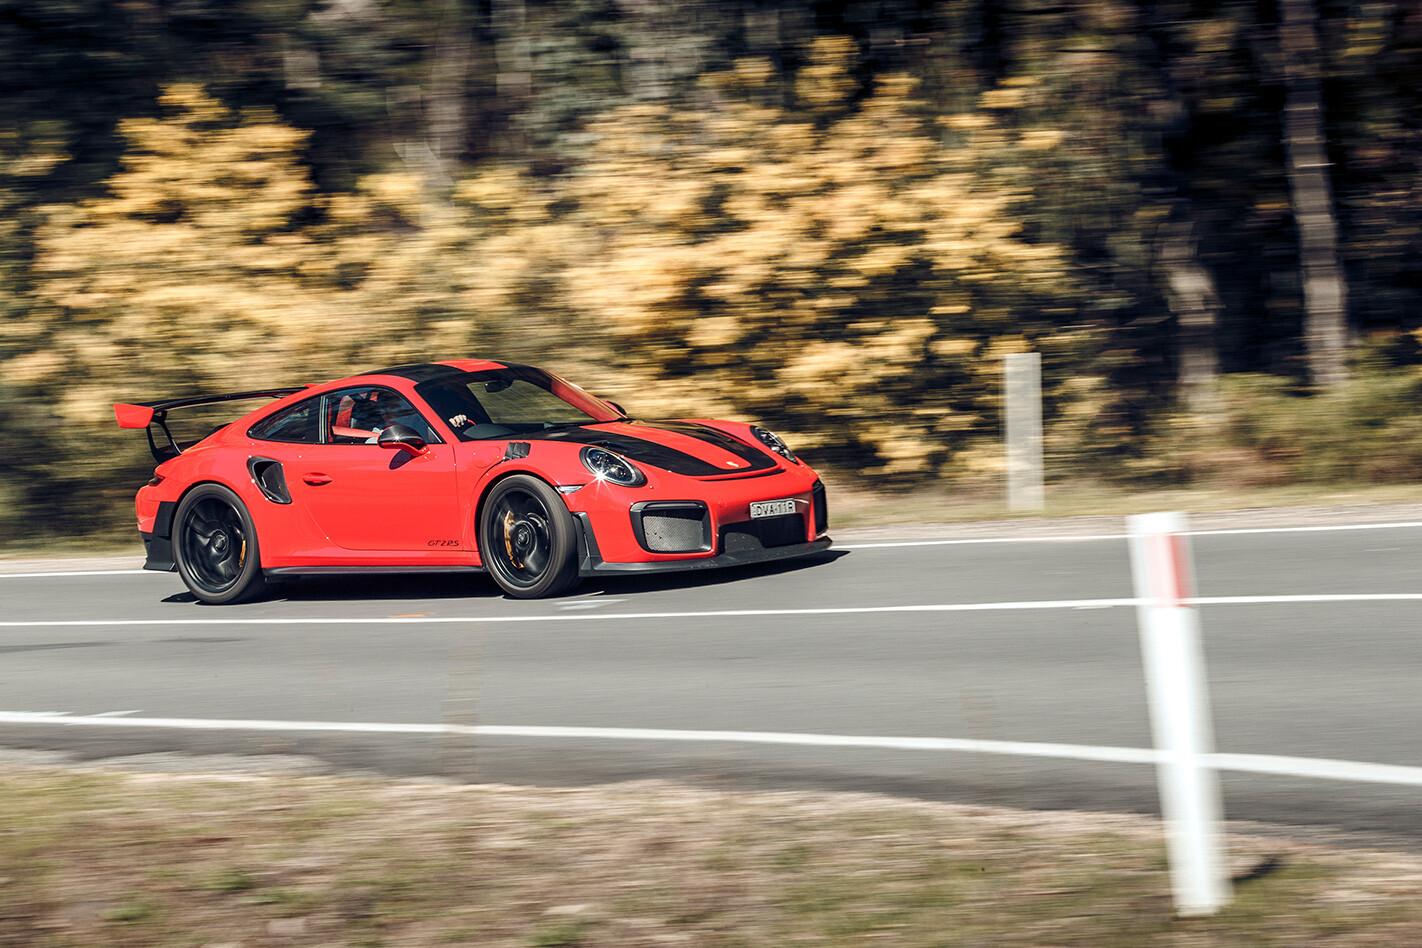 Porsche Gt 2 Rs Stripe Jpg